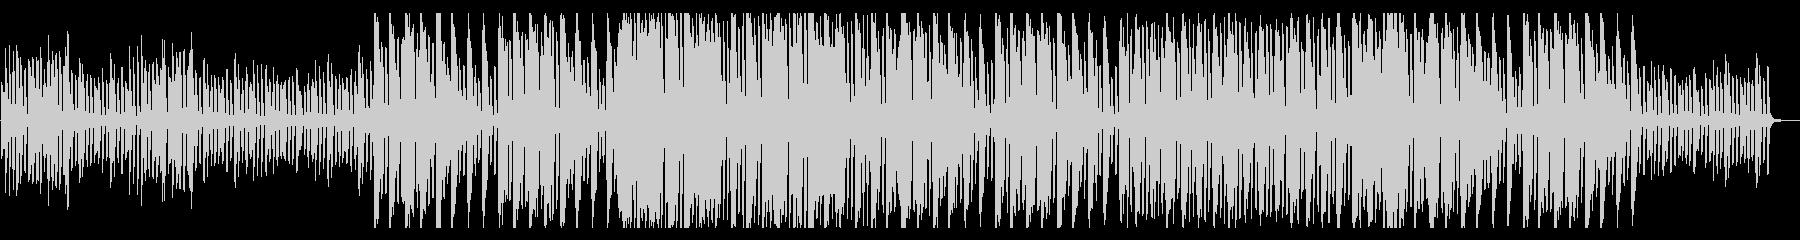 ほのぼのとした日常BGMピアノの未再生の波形